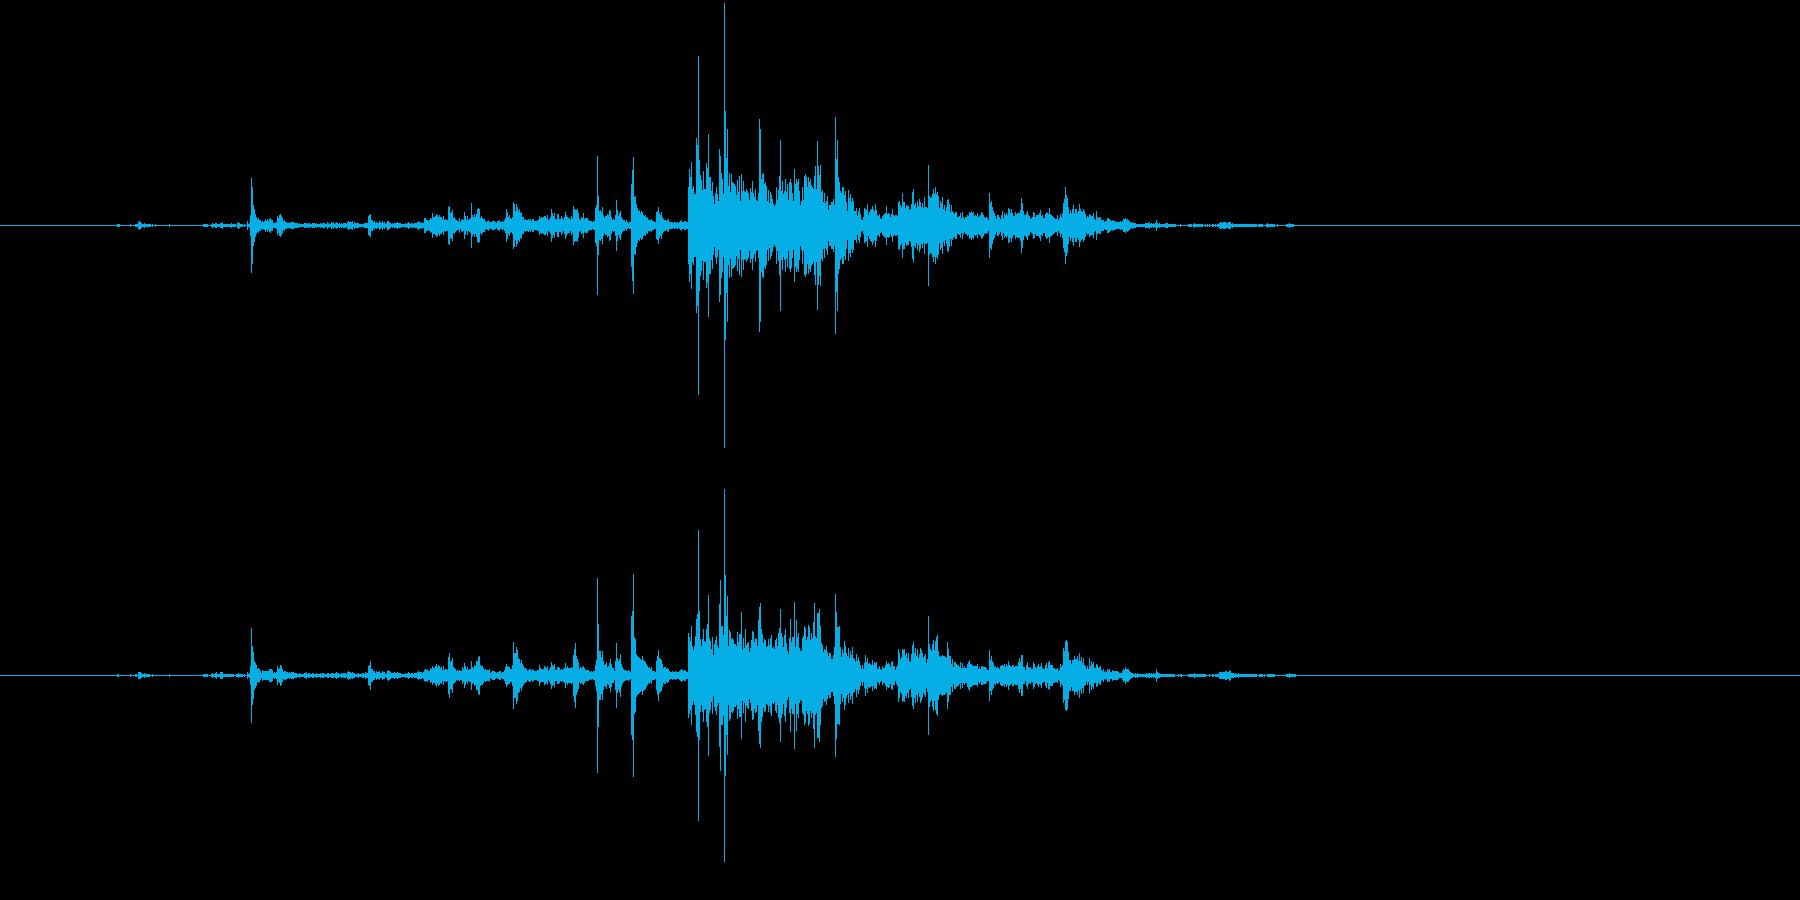 【生録音】ゴミの音 10 分別するの再生済みの波形